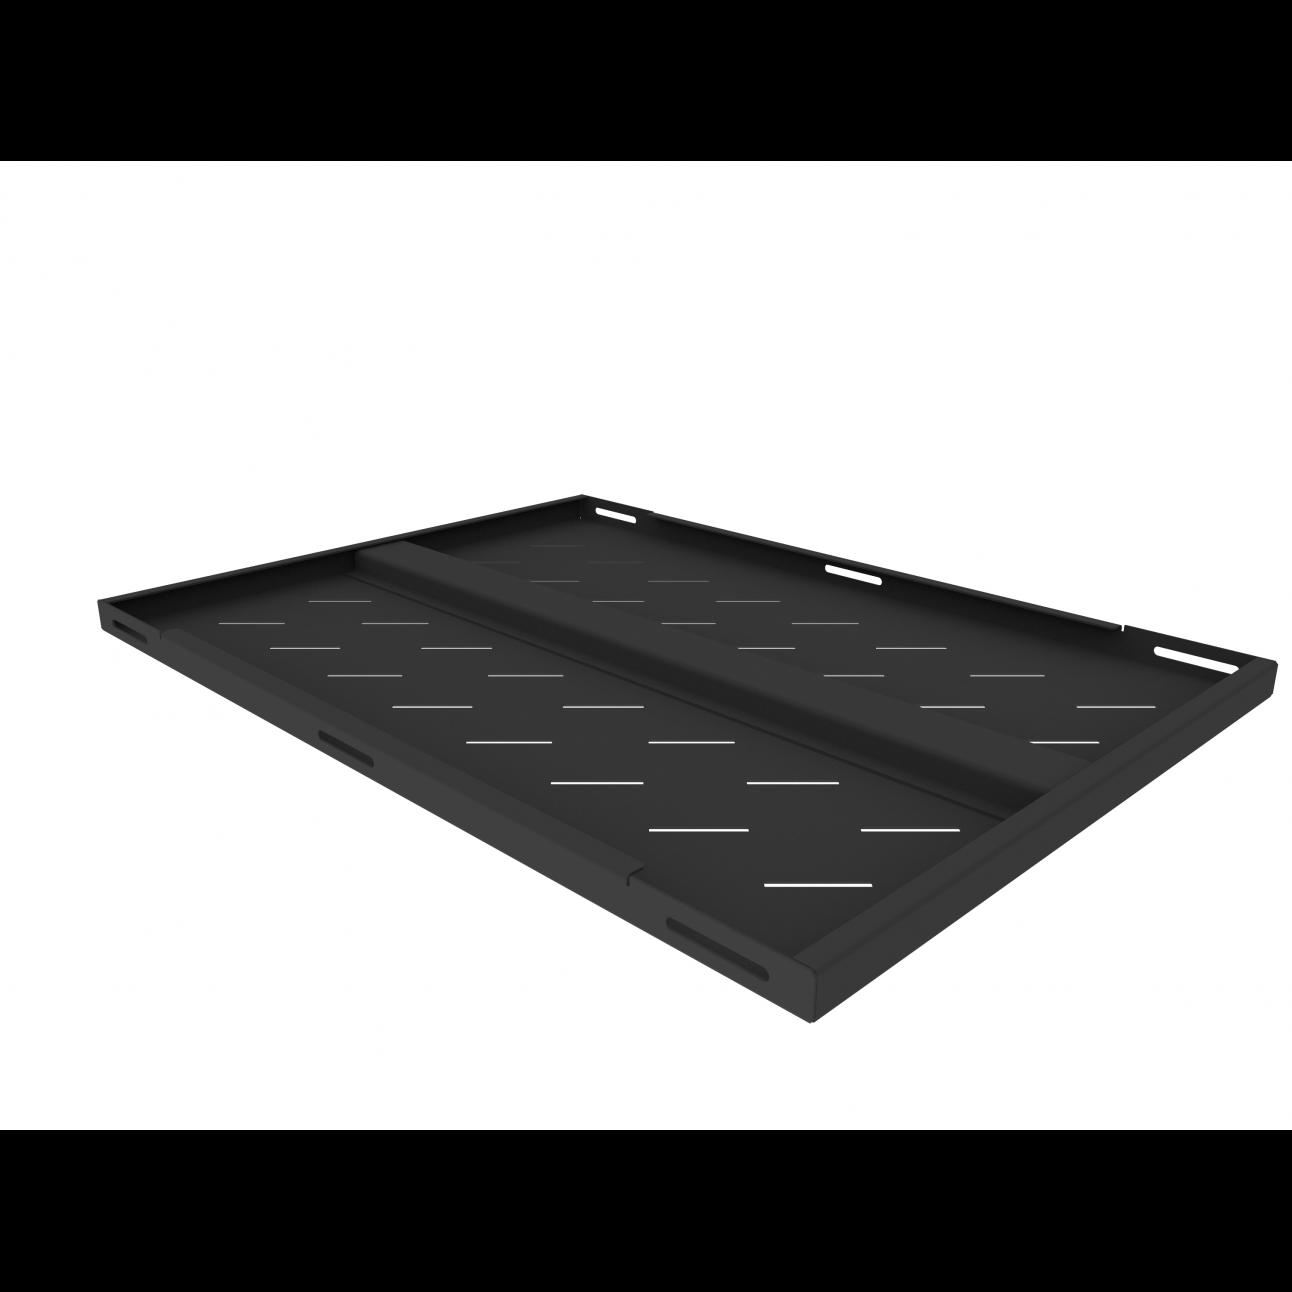 Полка стационарная усиленная в шкаф глубиной 900мм, (глубина полки 650мм) нагрузка 250кг, цвет-черный (SNR-SHELF-09065-250B)